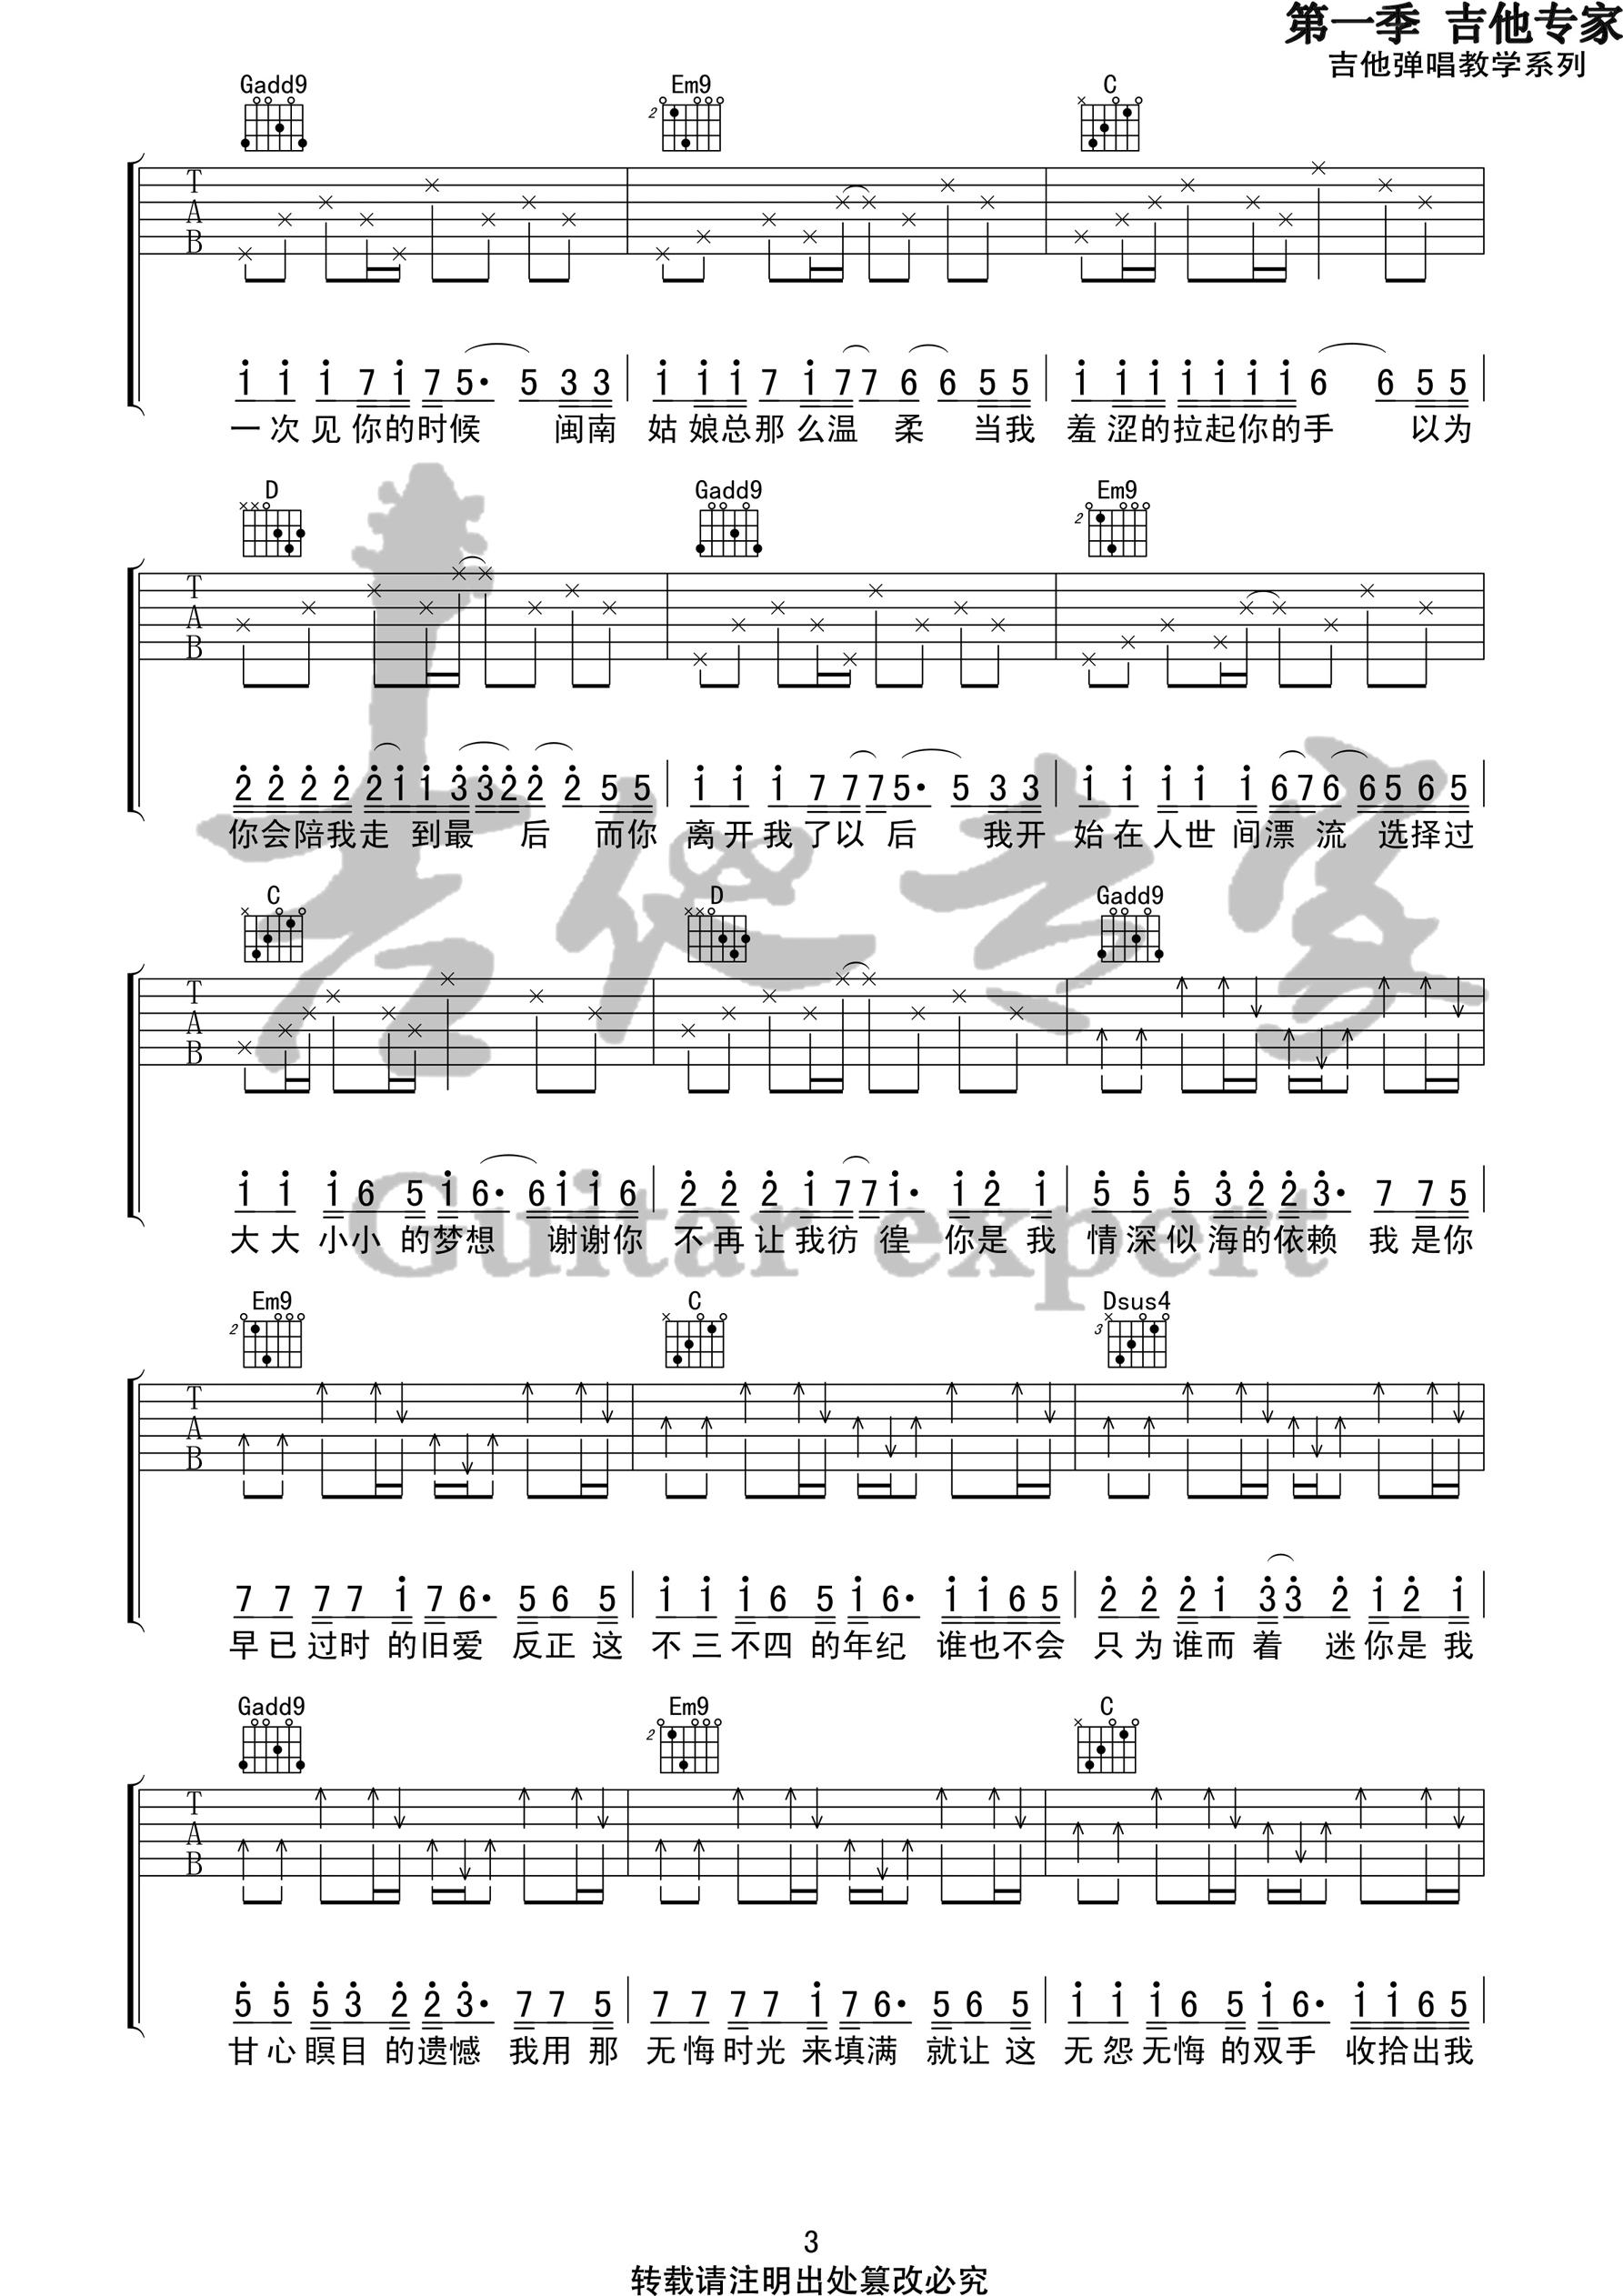 寫給黃淮-解憂邵帥-图片吉他谱-3